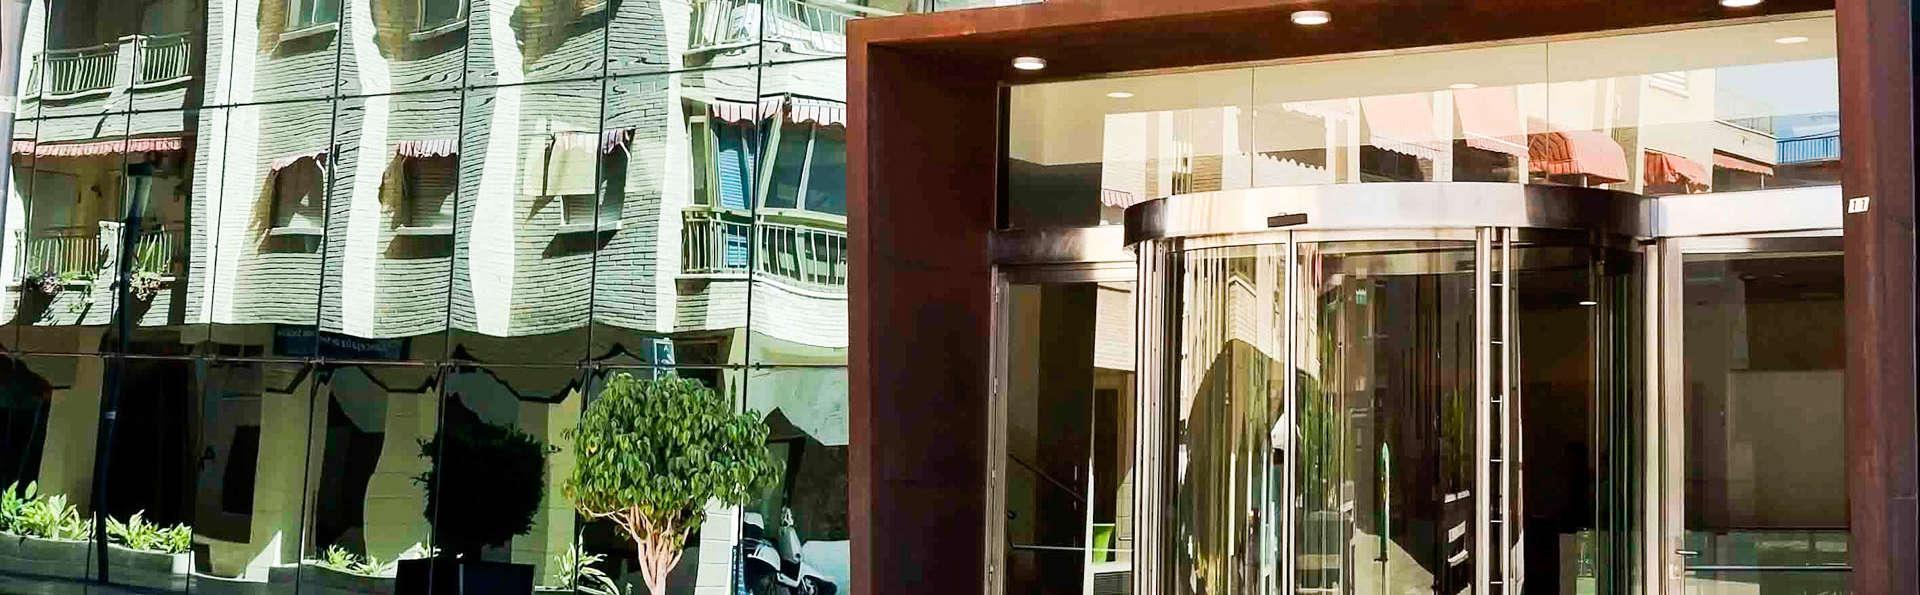 Hotel Mossaic - EDIT_FRONT1.jpg